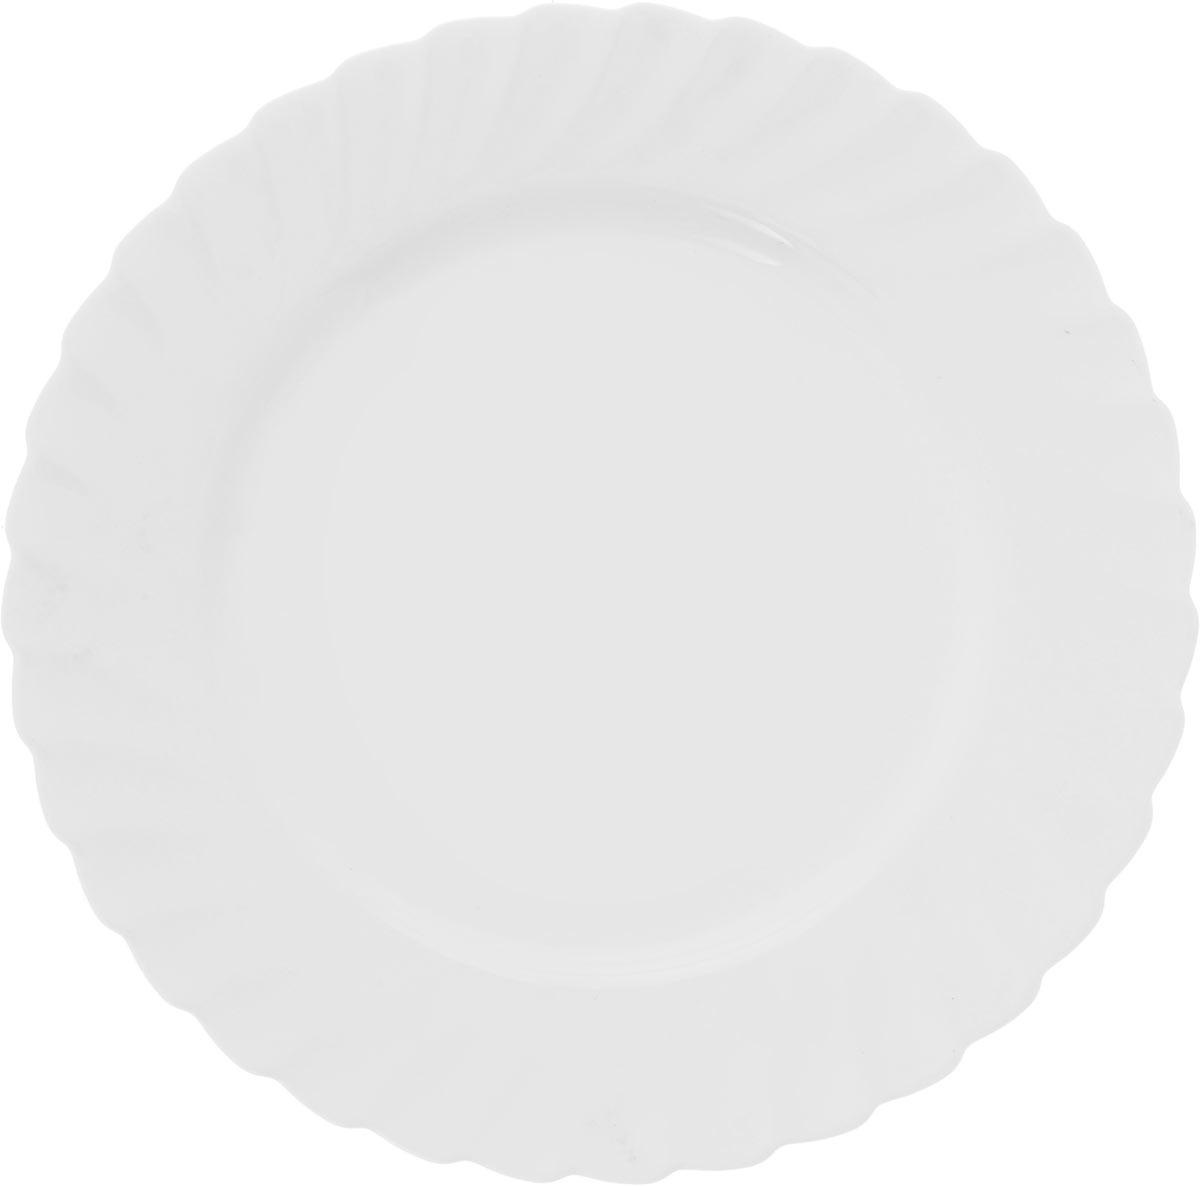 Тарелка обеденная Luminarc Trianon, диаметр 27 см68977Тарелка обеденная Luminarc Trianon круглой формы изготовлена из высококачественного стекла. Изделие имеет универсальный дизайн, поэтому легко впишется в любой интерьер. Простота форм и белоснежный цвет выгодно подчеркнут изысканность ваших блюд. Посуда Luminarc обладает не только высокими техническими характеристиками, но и красивым эстетичным дизайном. Такая тарелка предназначена для красивой сервировки вторых блюд, а также ее можно использовать как подстановочную под тарелку для супа. Высота тарелки: 2 см.Диаметр тарелки: 27 см.